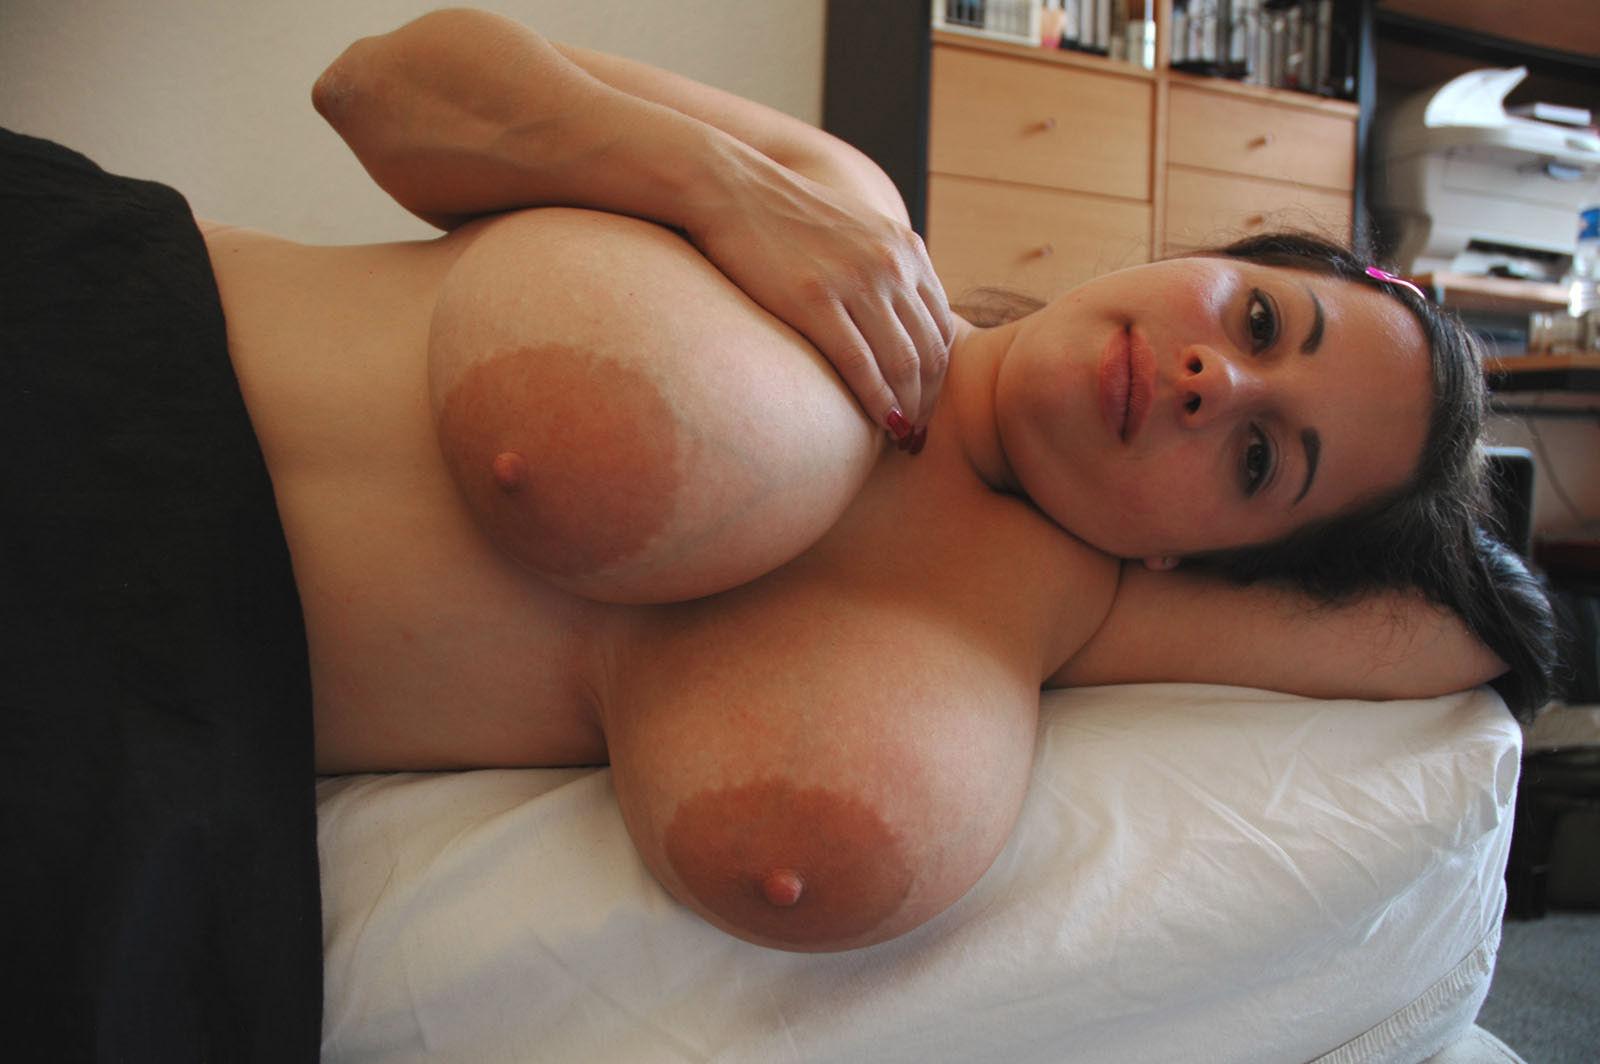 Секс фото с большими сосками, Большие сиськи порно фото и секс фотографии 12 фотография